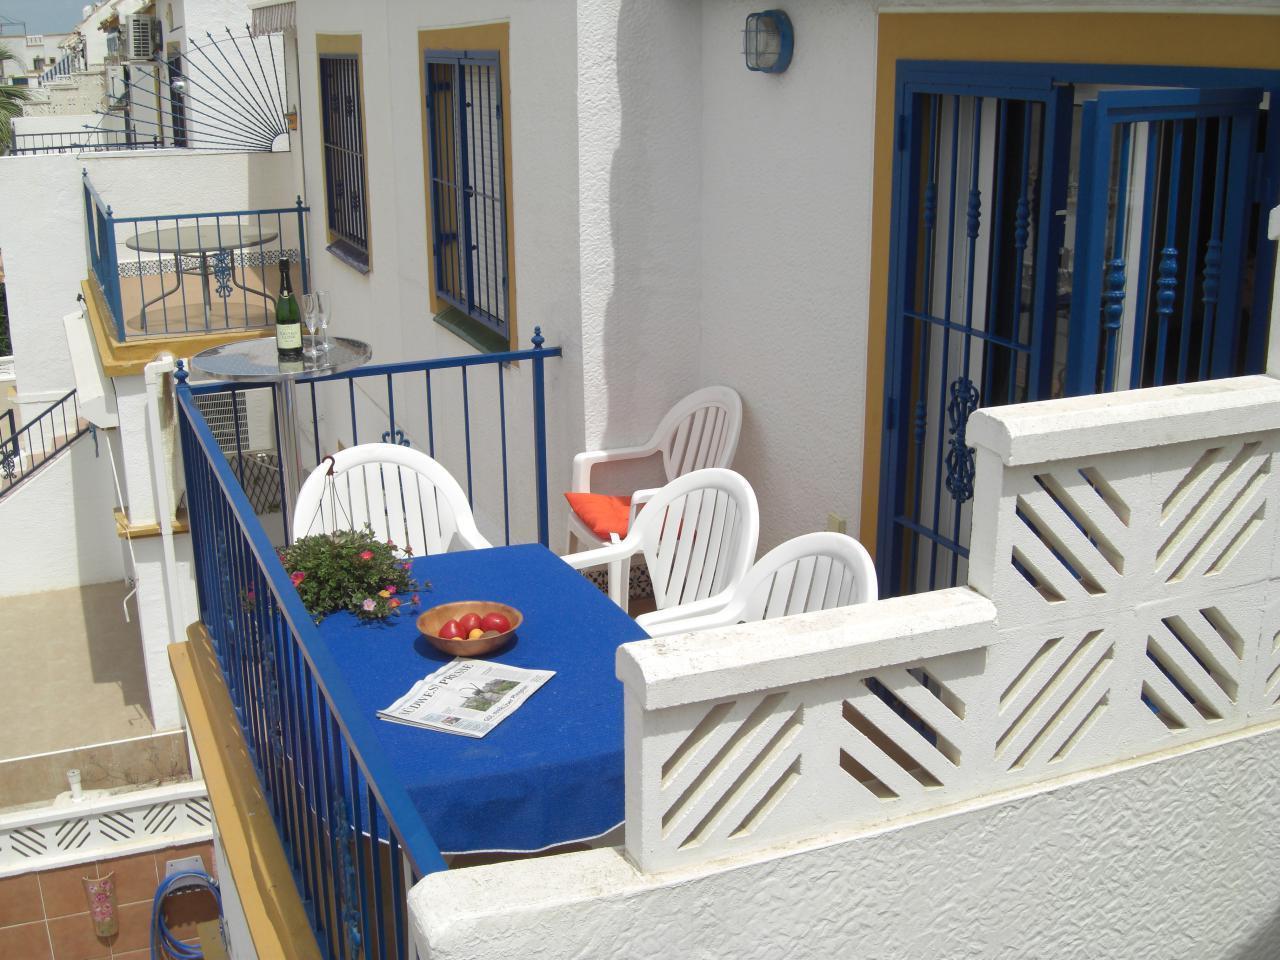 Ferienwohnung 4 Personen 62qm Costa Blanca (118835), Orihuela-Costa, Costa Blanca, Valencia, Spanien, Bild 17